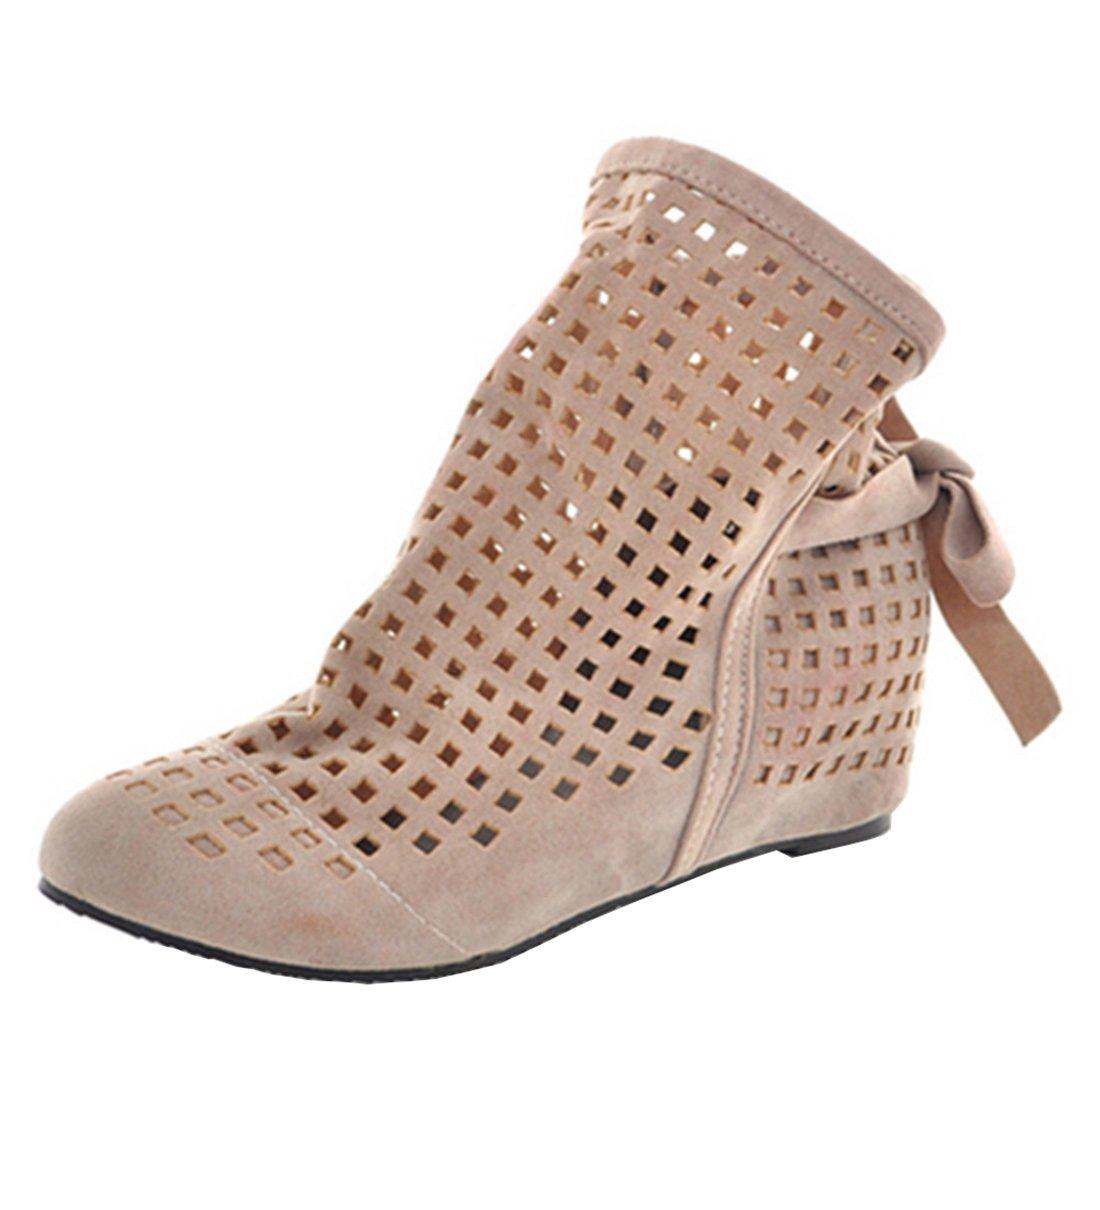 ffd6537e985e YE Damen Flach Sommer Stiefeletten mit Schnürung Cut Out Sandalen Bequem  Schuhe (39EU, Rot